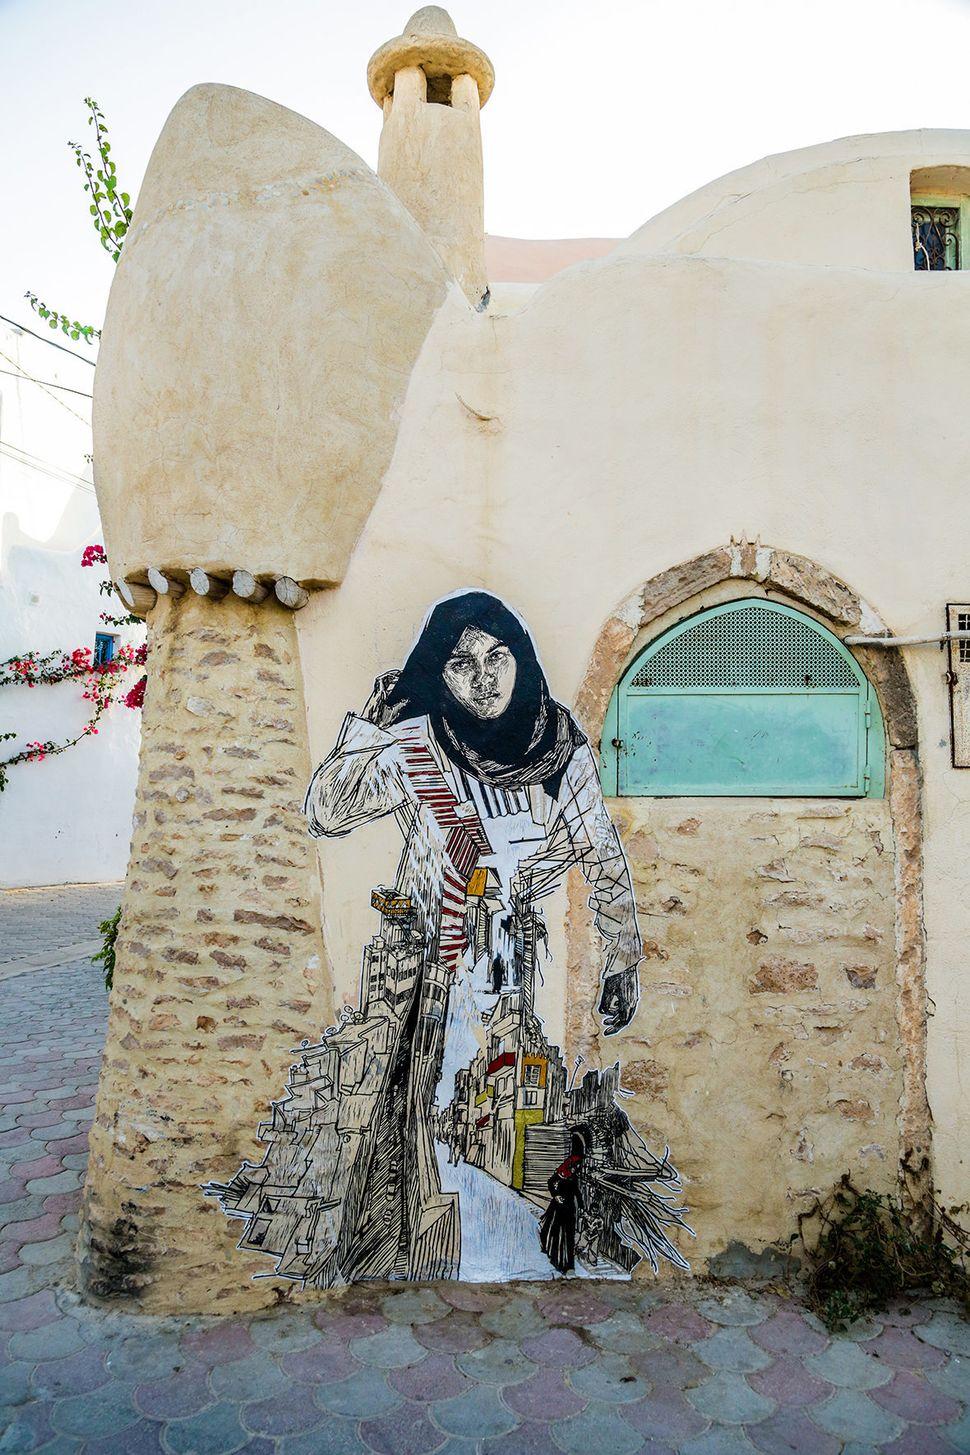 Swoon (Galerie Itinerrance / Aline Deschamps)